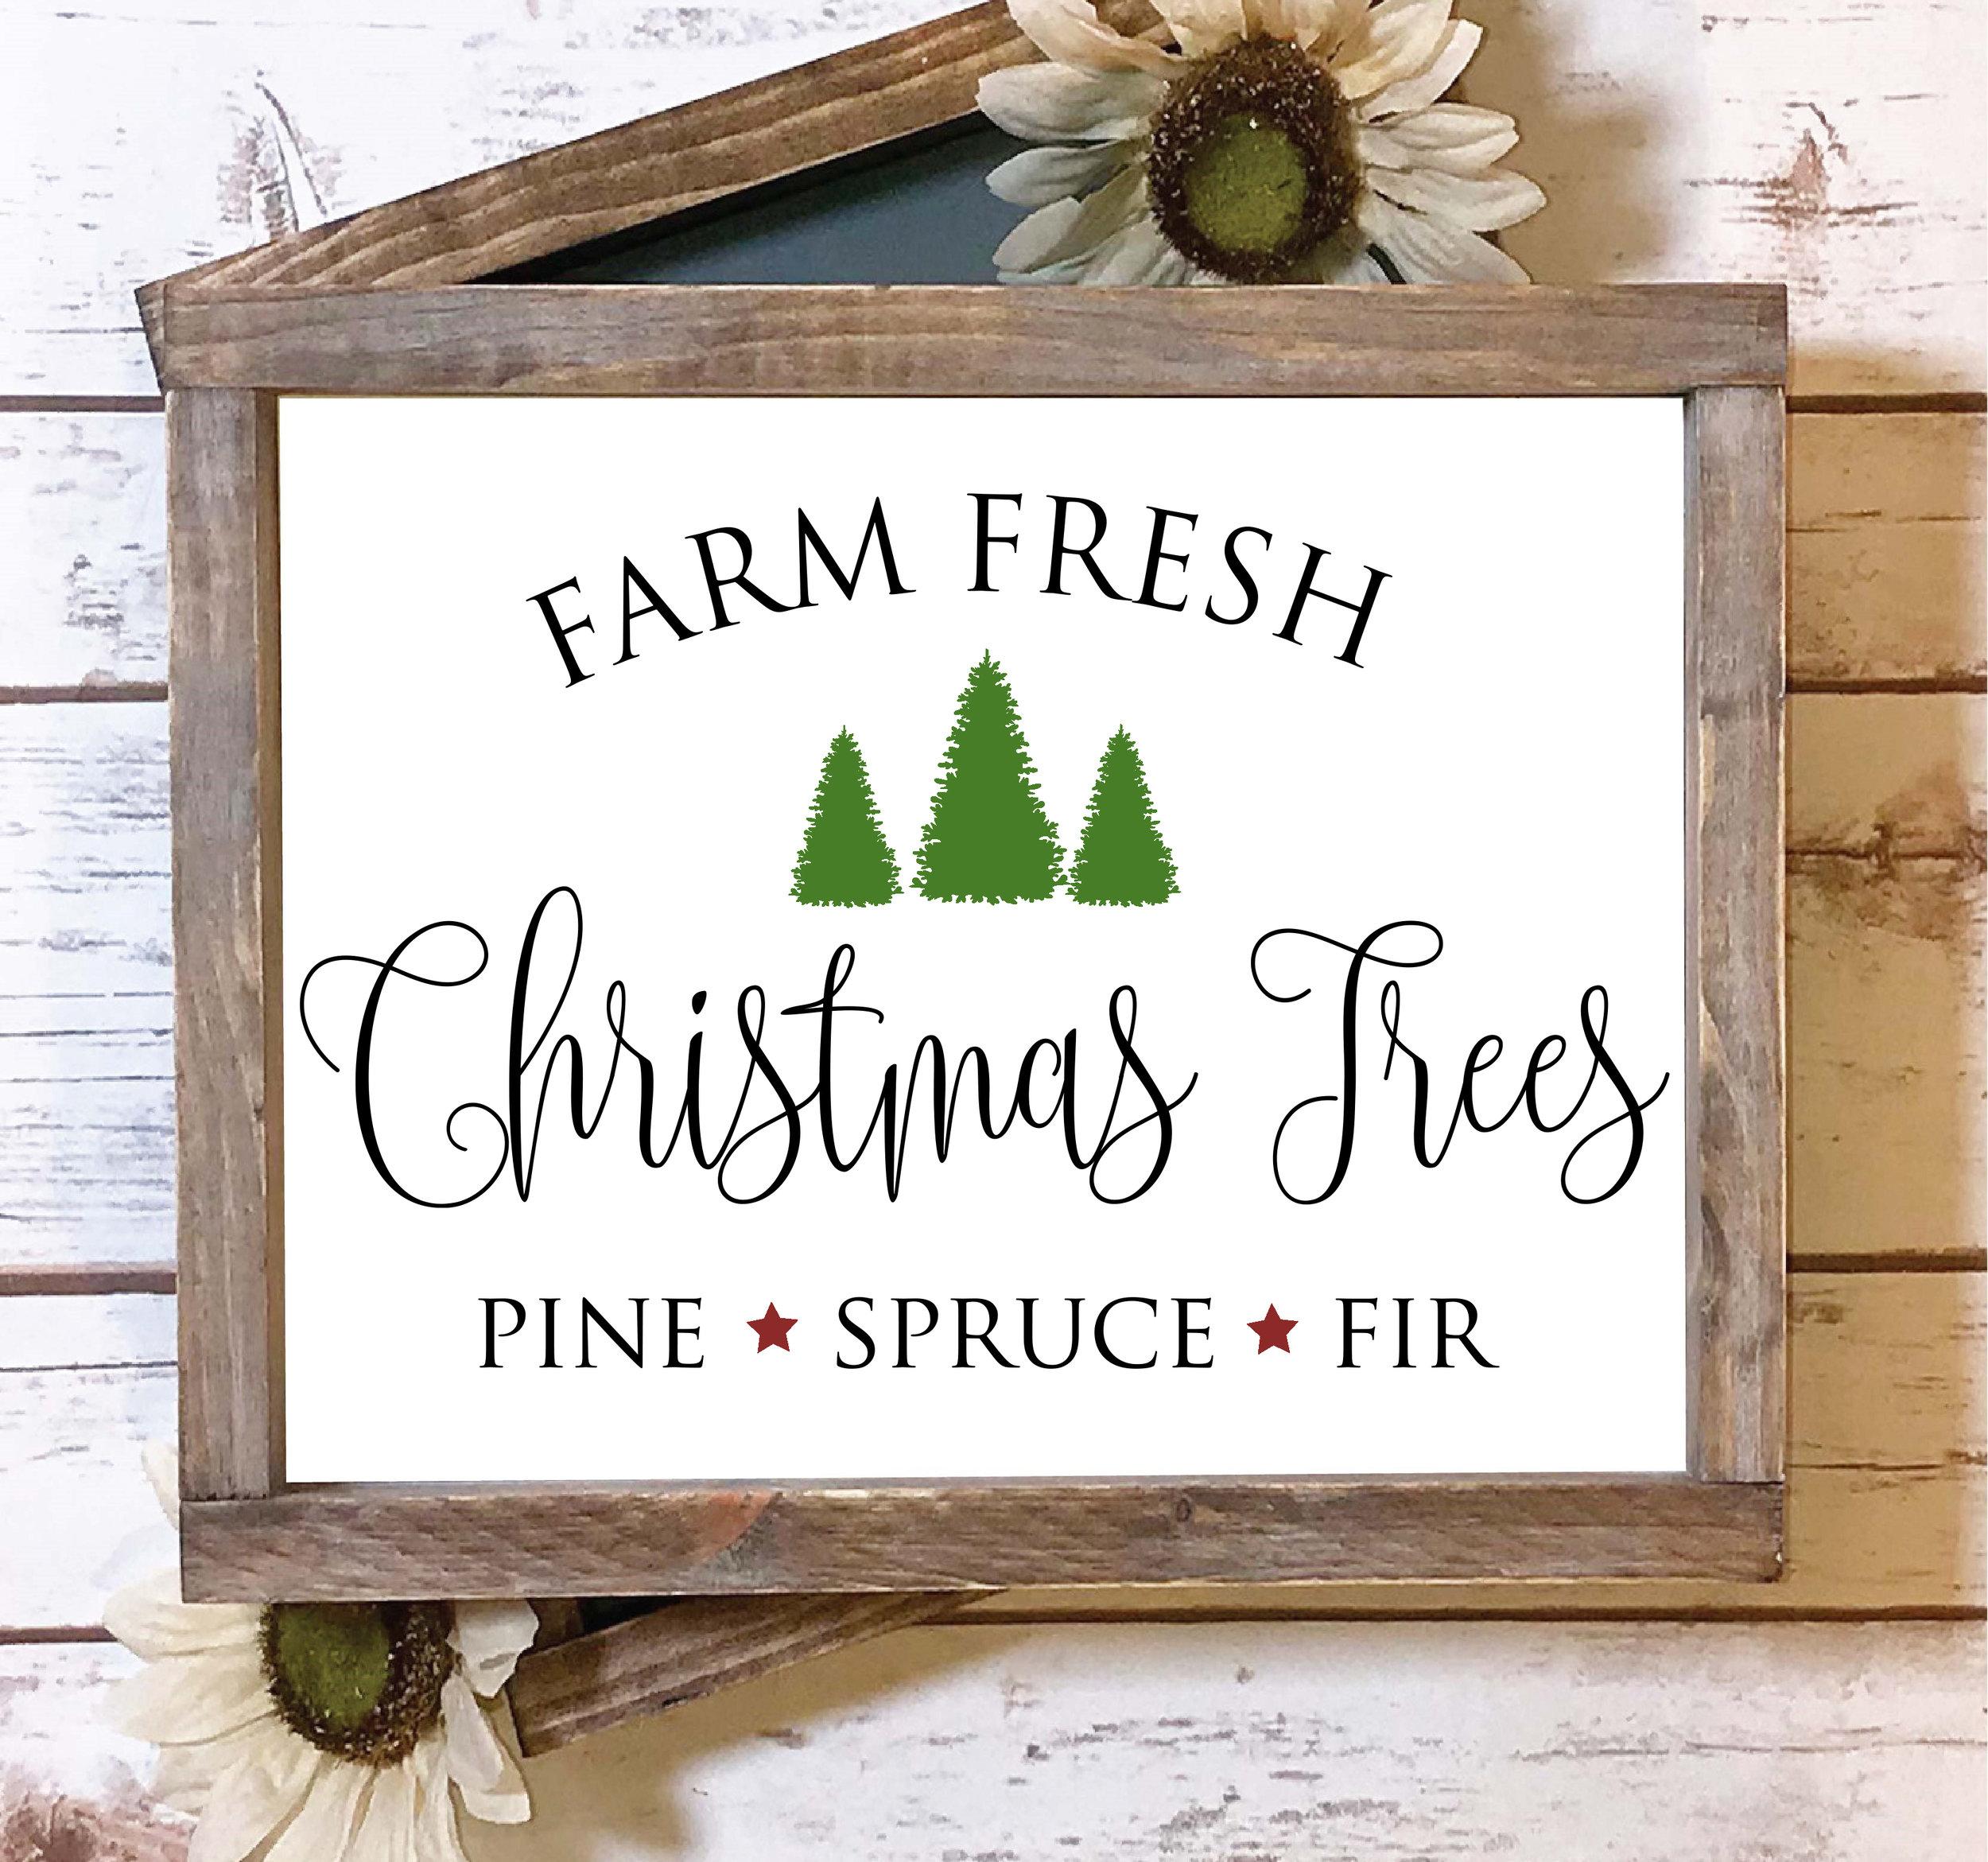 Farm Fresh Christmas Trees.jpg